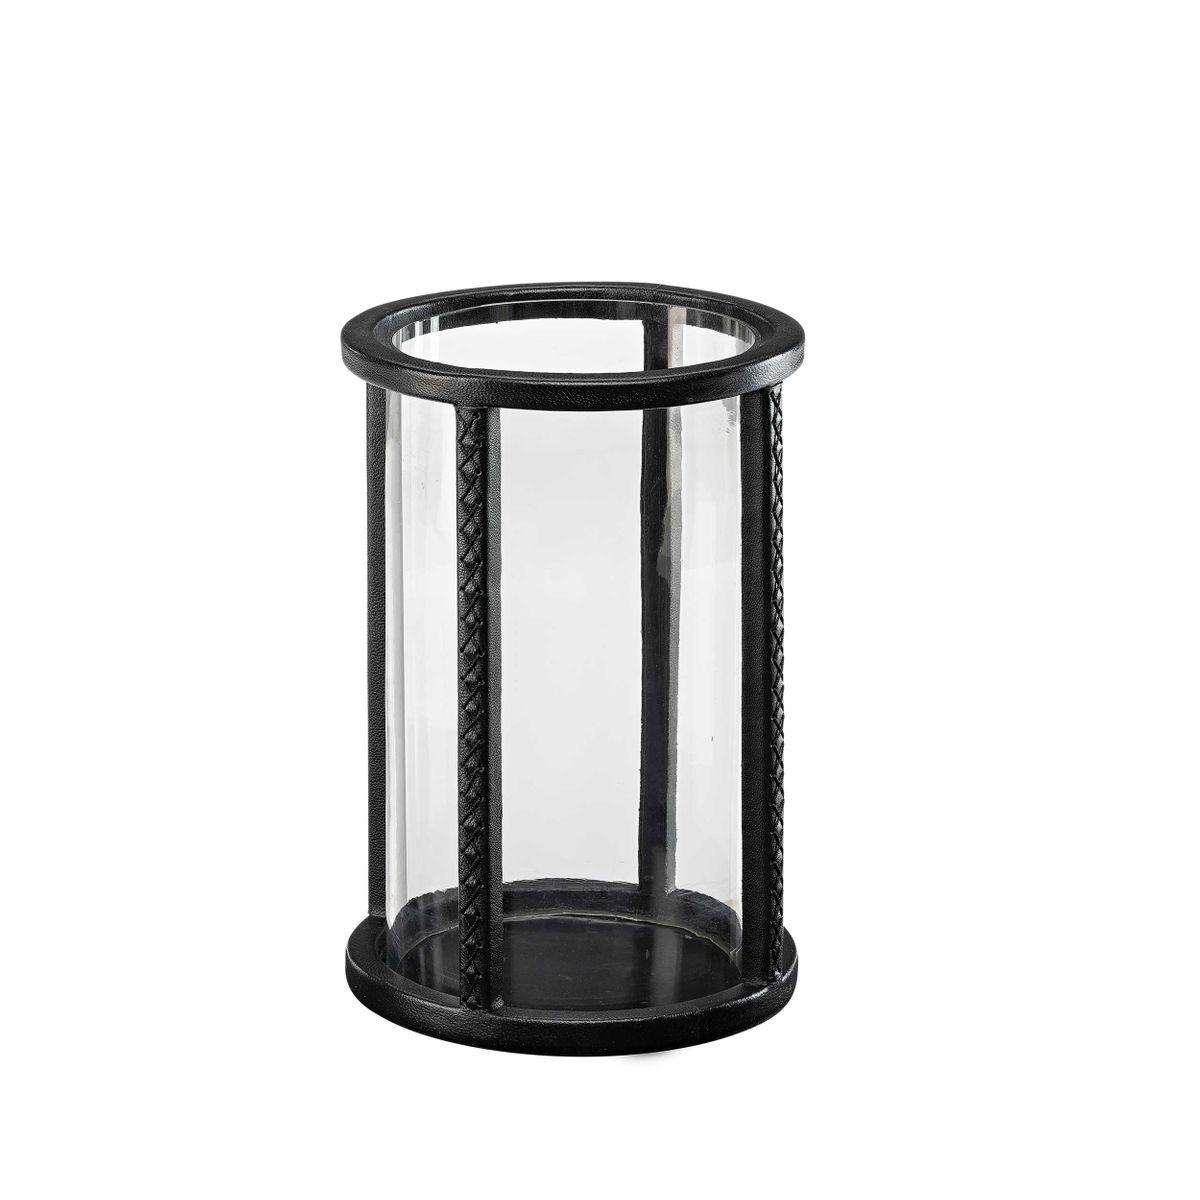 MENDOZA Lantern leather black round small(HP)